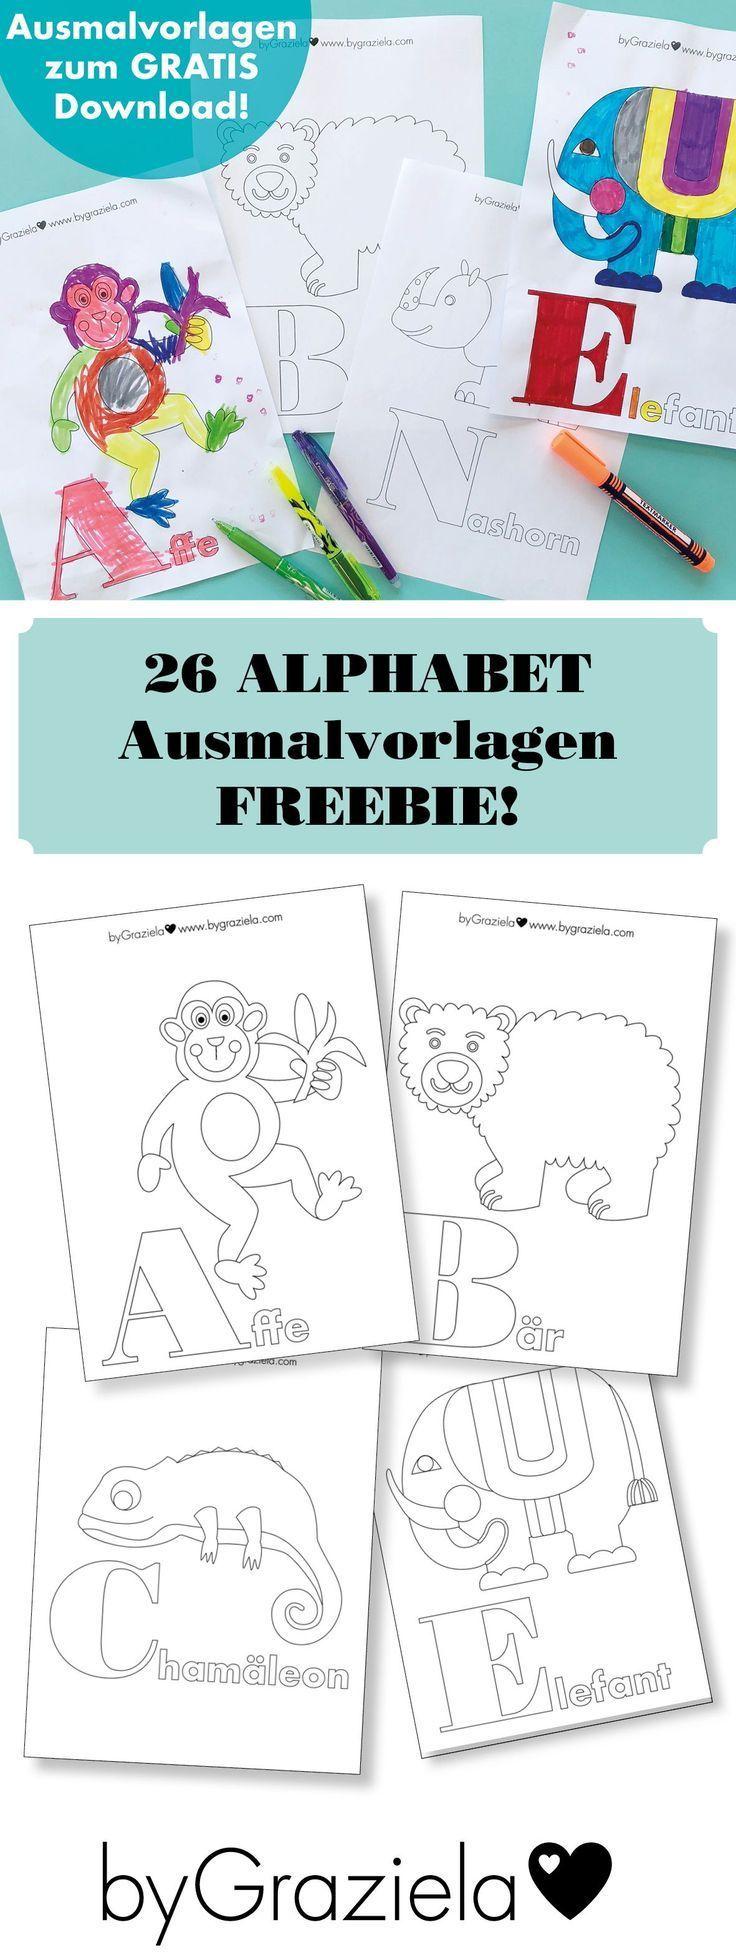 Lerne Buchstaben Kostenlose Malvorlagen Fur Kinder Laden Sie Die 26 Alphabet Malvorlagen Kostenlos Herunter Alphabet Zum Ausmalen Vorschul Alphabet Blog